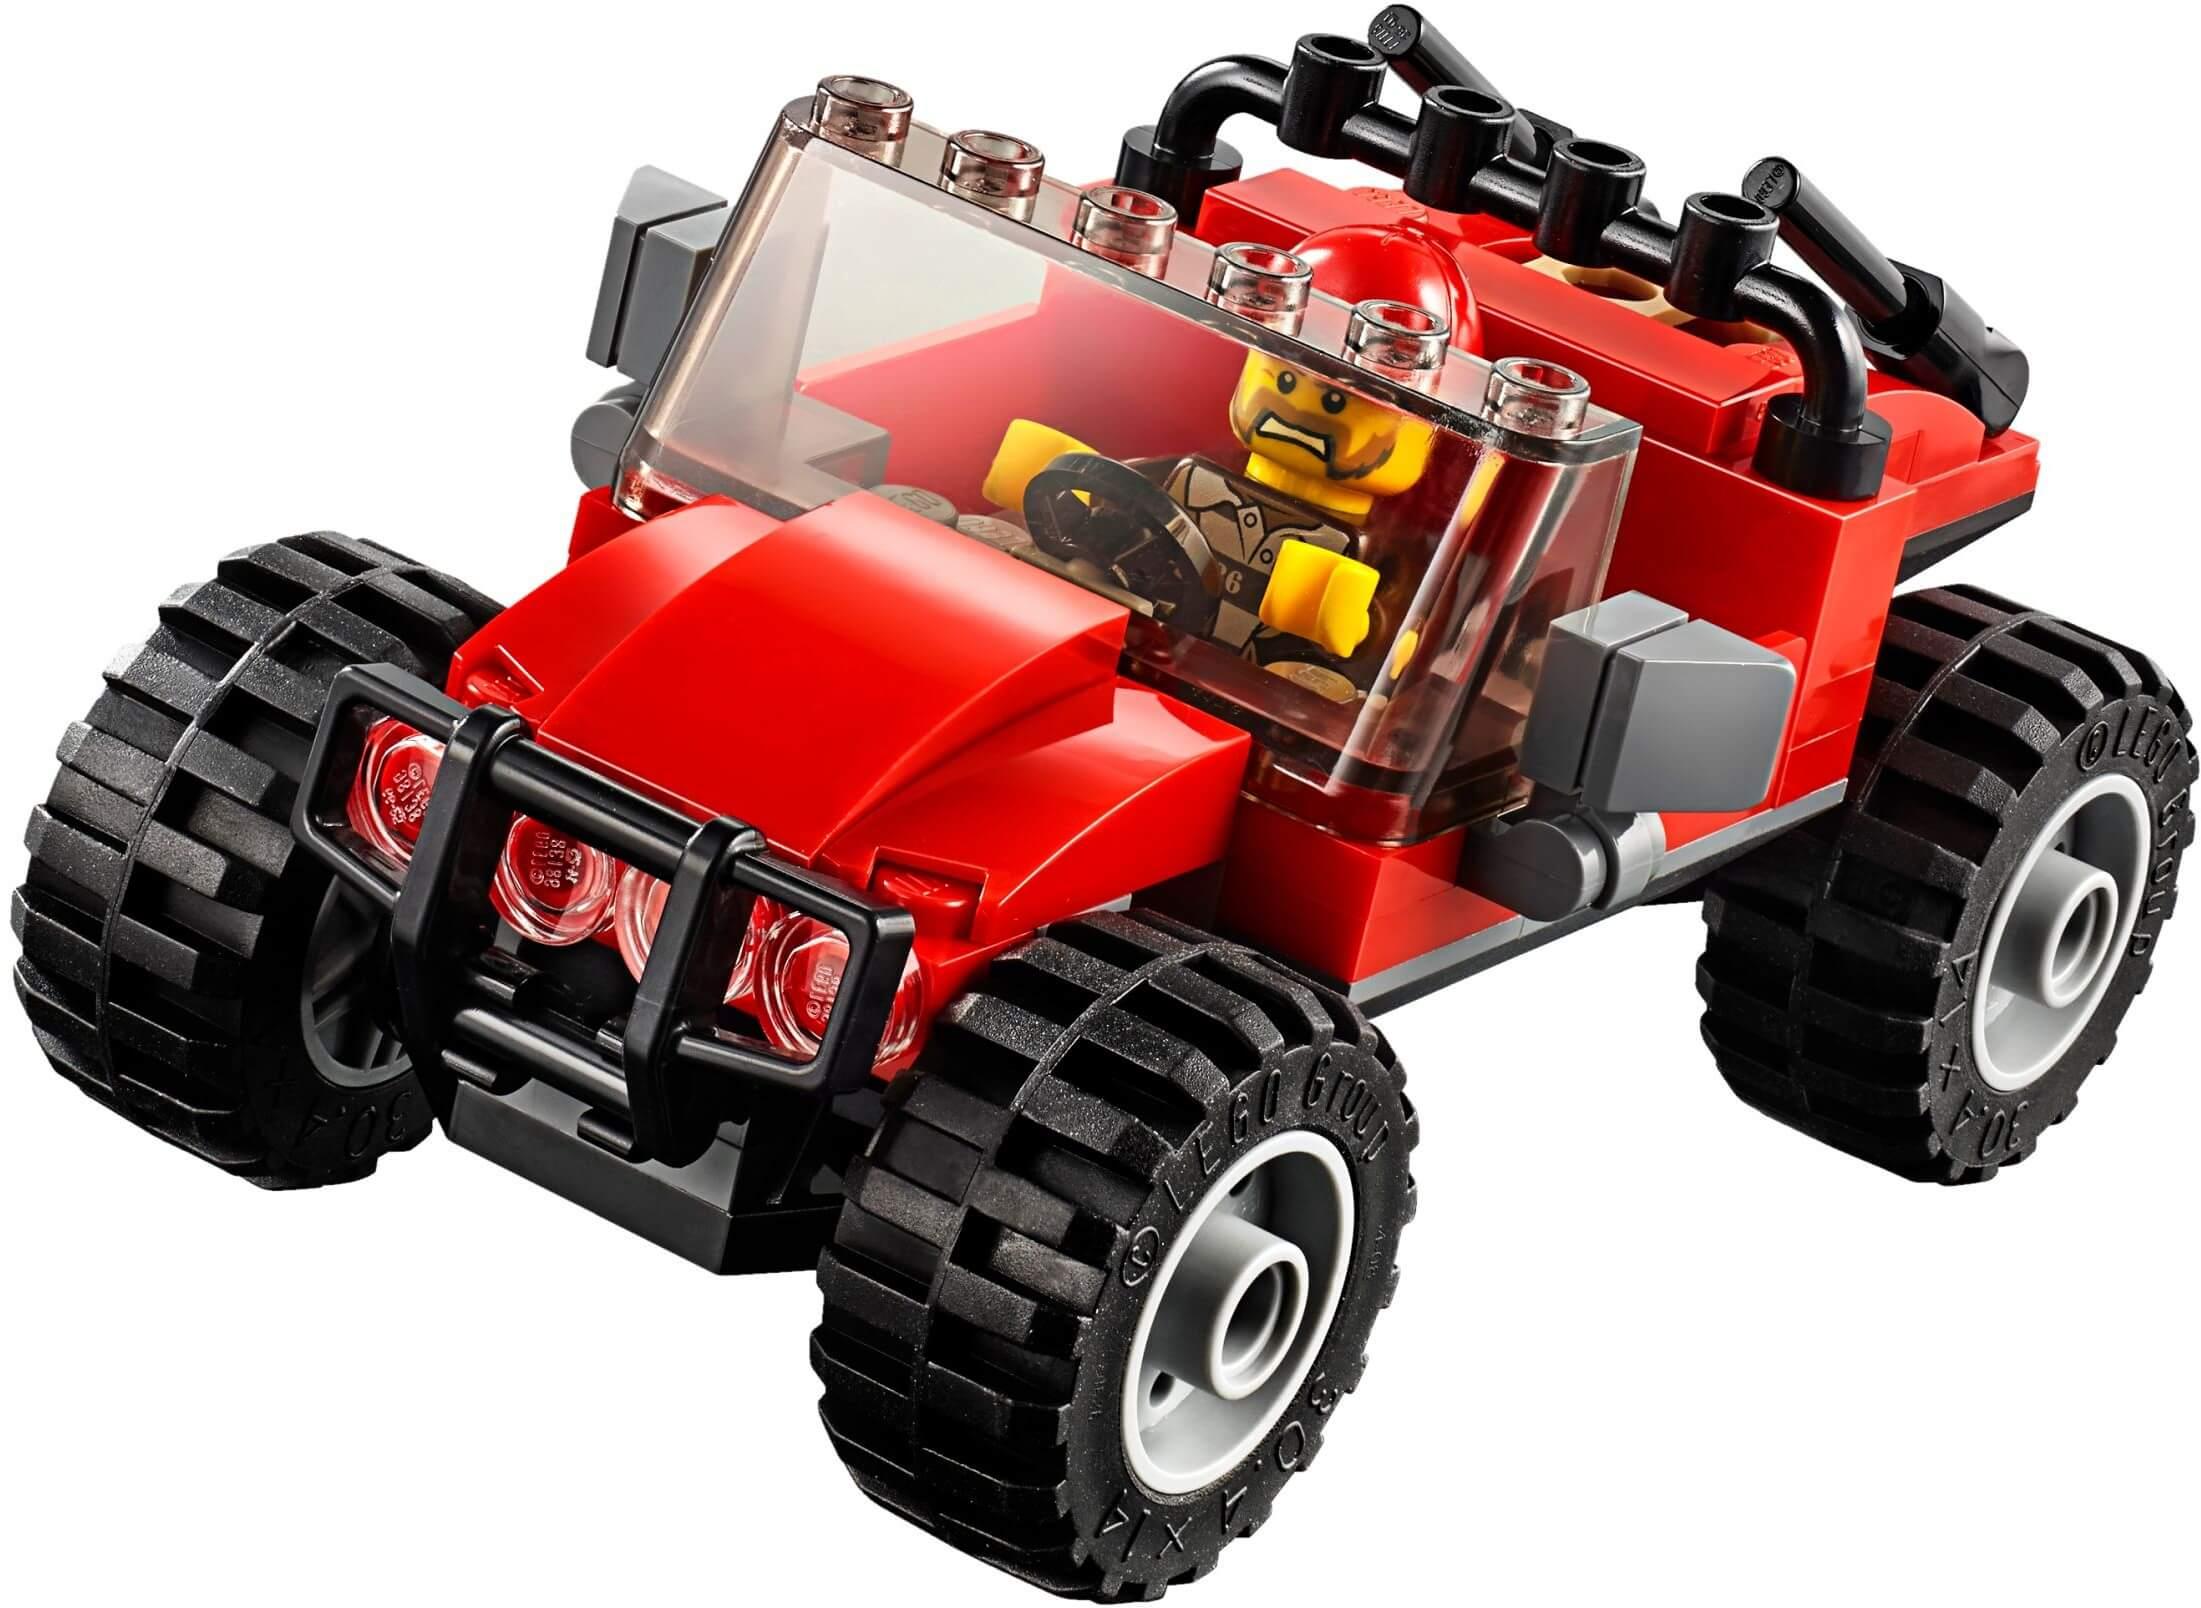 Mua đồ chơi LEGO 60172 - LEGO City 60172 - Xe Tải Bắn Lưới của Cảnh Sát (LEGO City 60172 Dirt Road Pursuit)